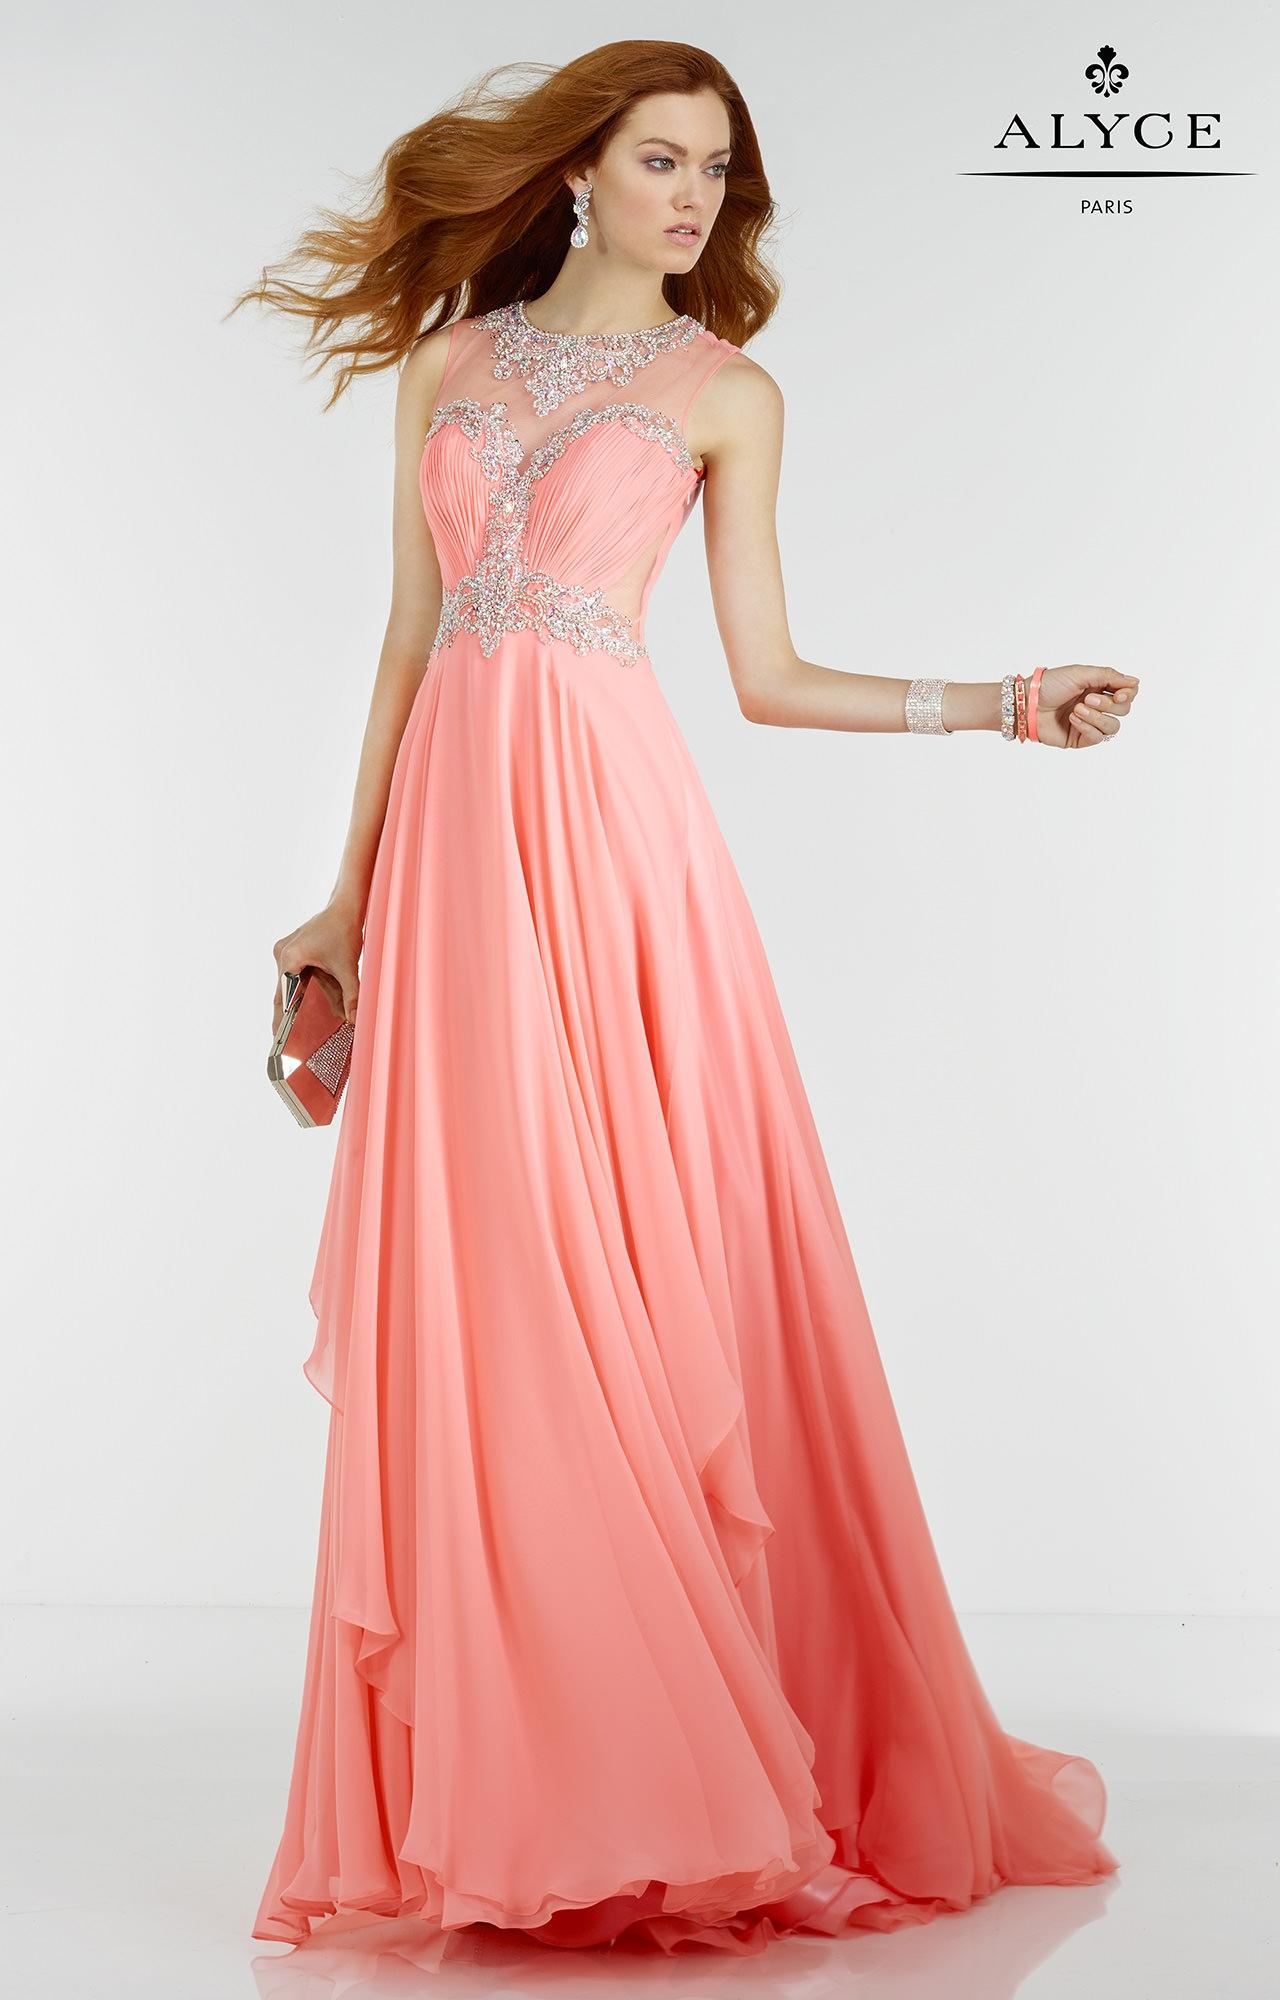 Alyce Paris 6544 - Barbie Doll Dress Prom Dress